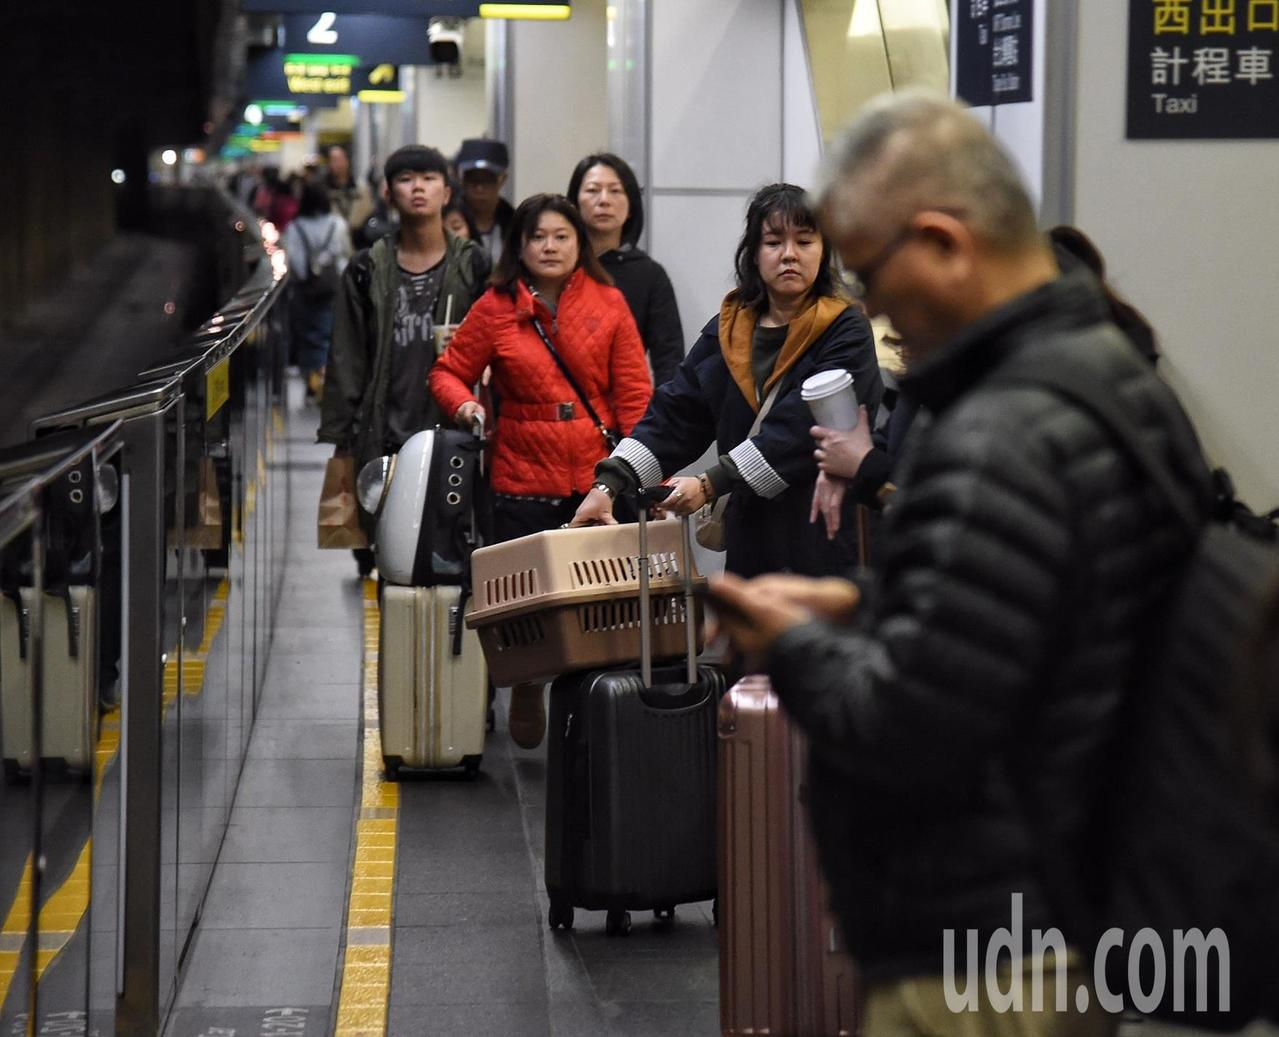 台灣高鐵公司配合政府「新南向政策」,積極拓展台灣與東南亞等地海外旅遊市場,與馬來...